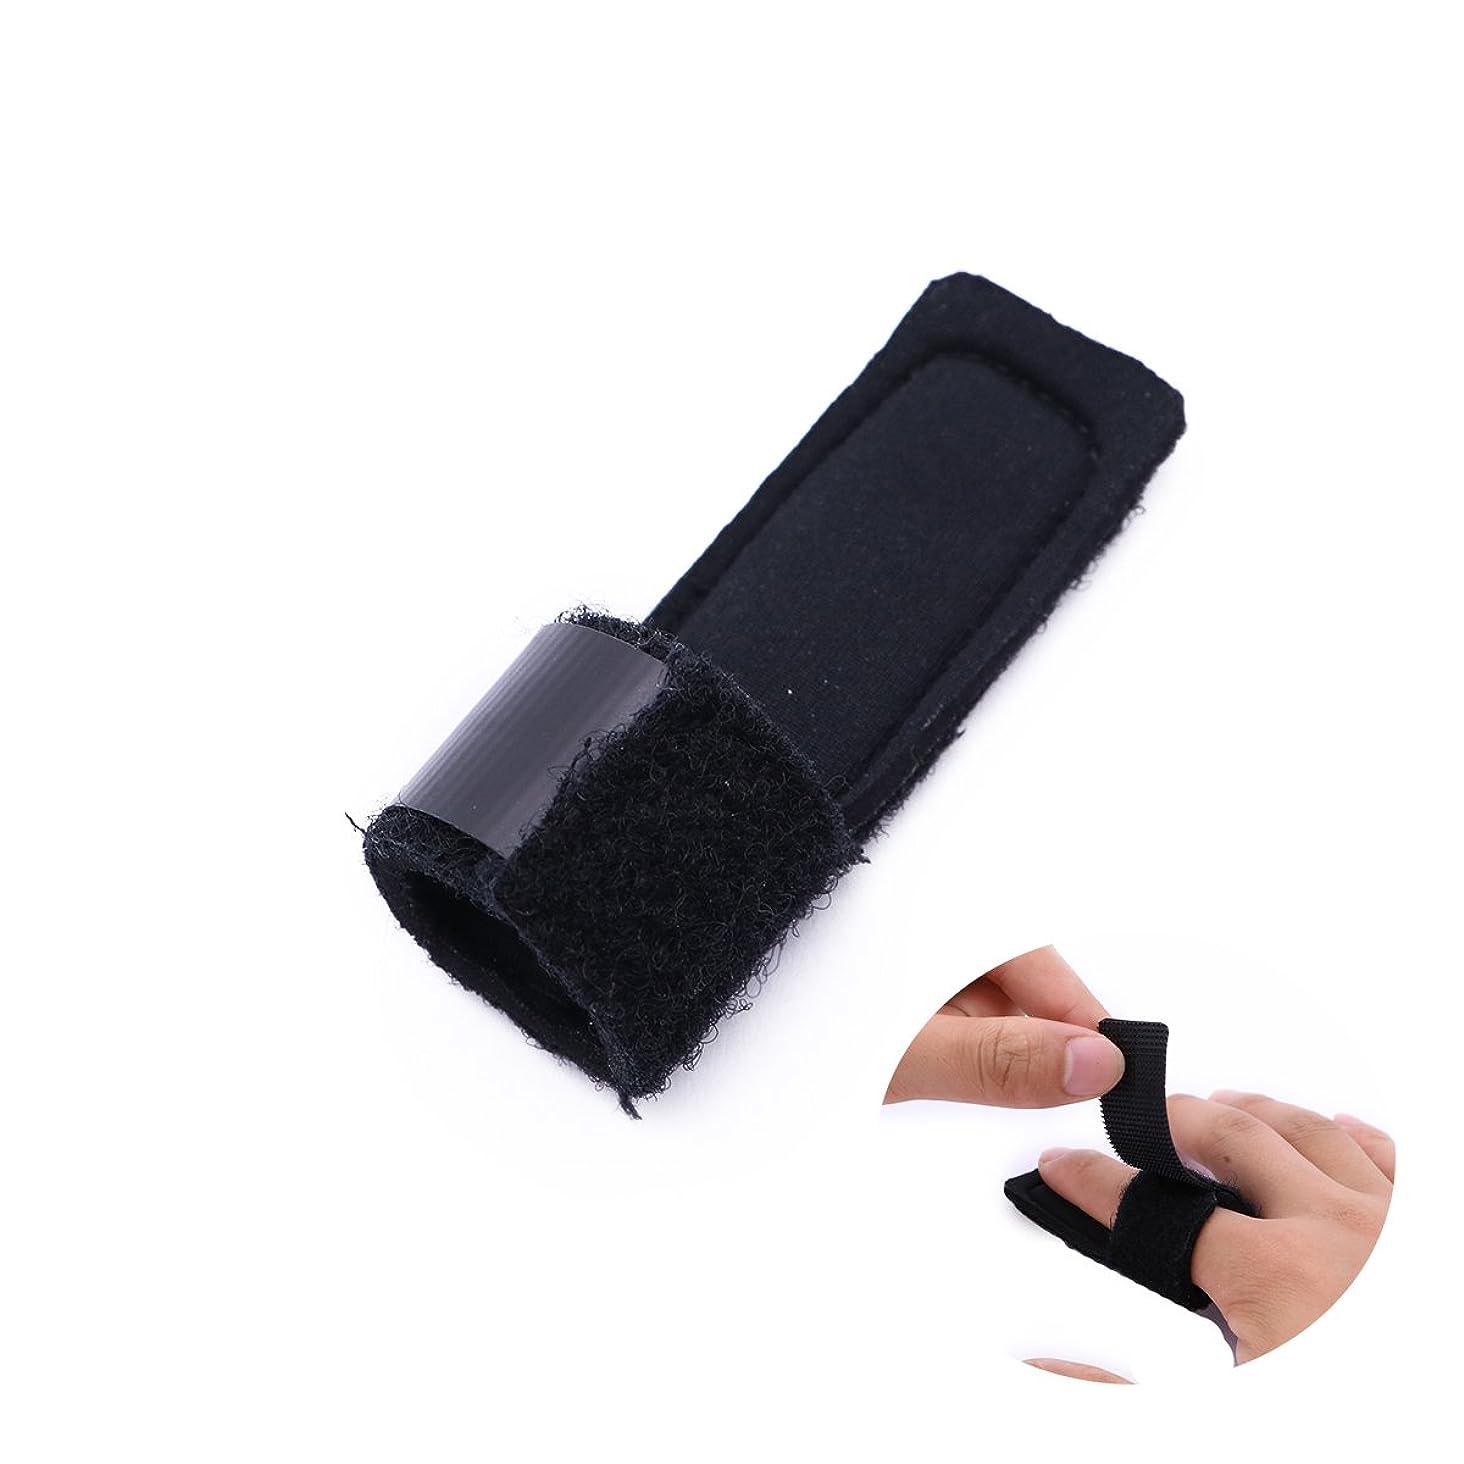 お世話になった膨らませる結婚するSUPVOX 指の添え木マレット指の支柱の引き金のための骨折の接合箇所の添え木プロテクター